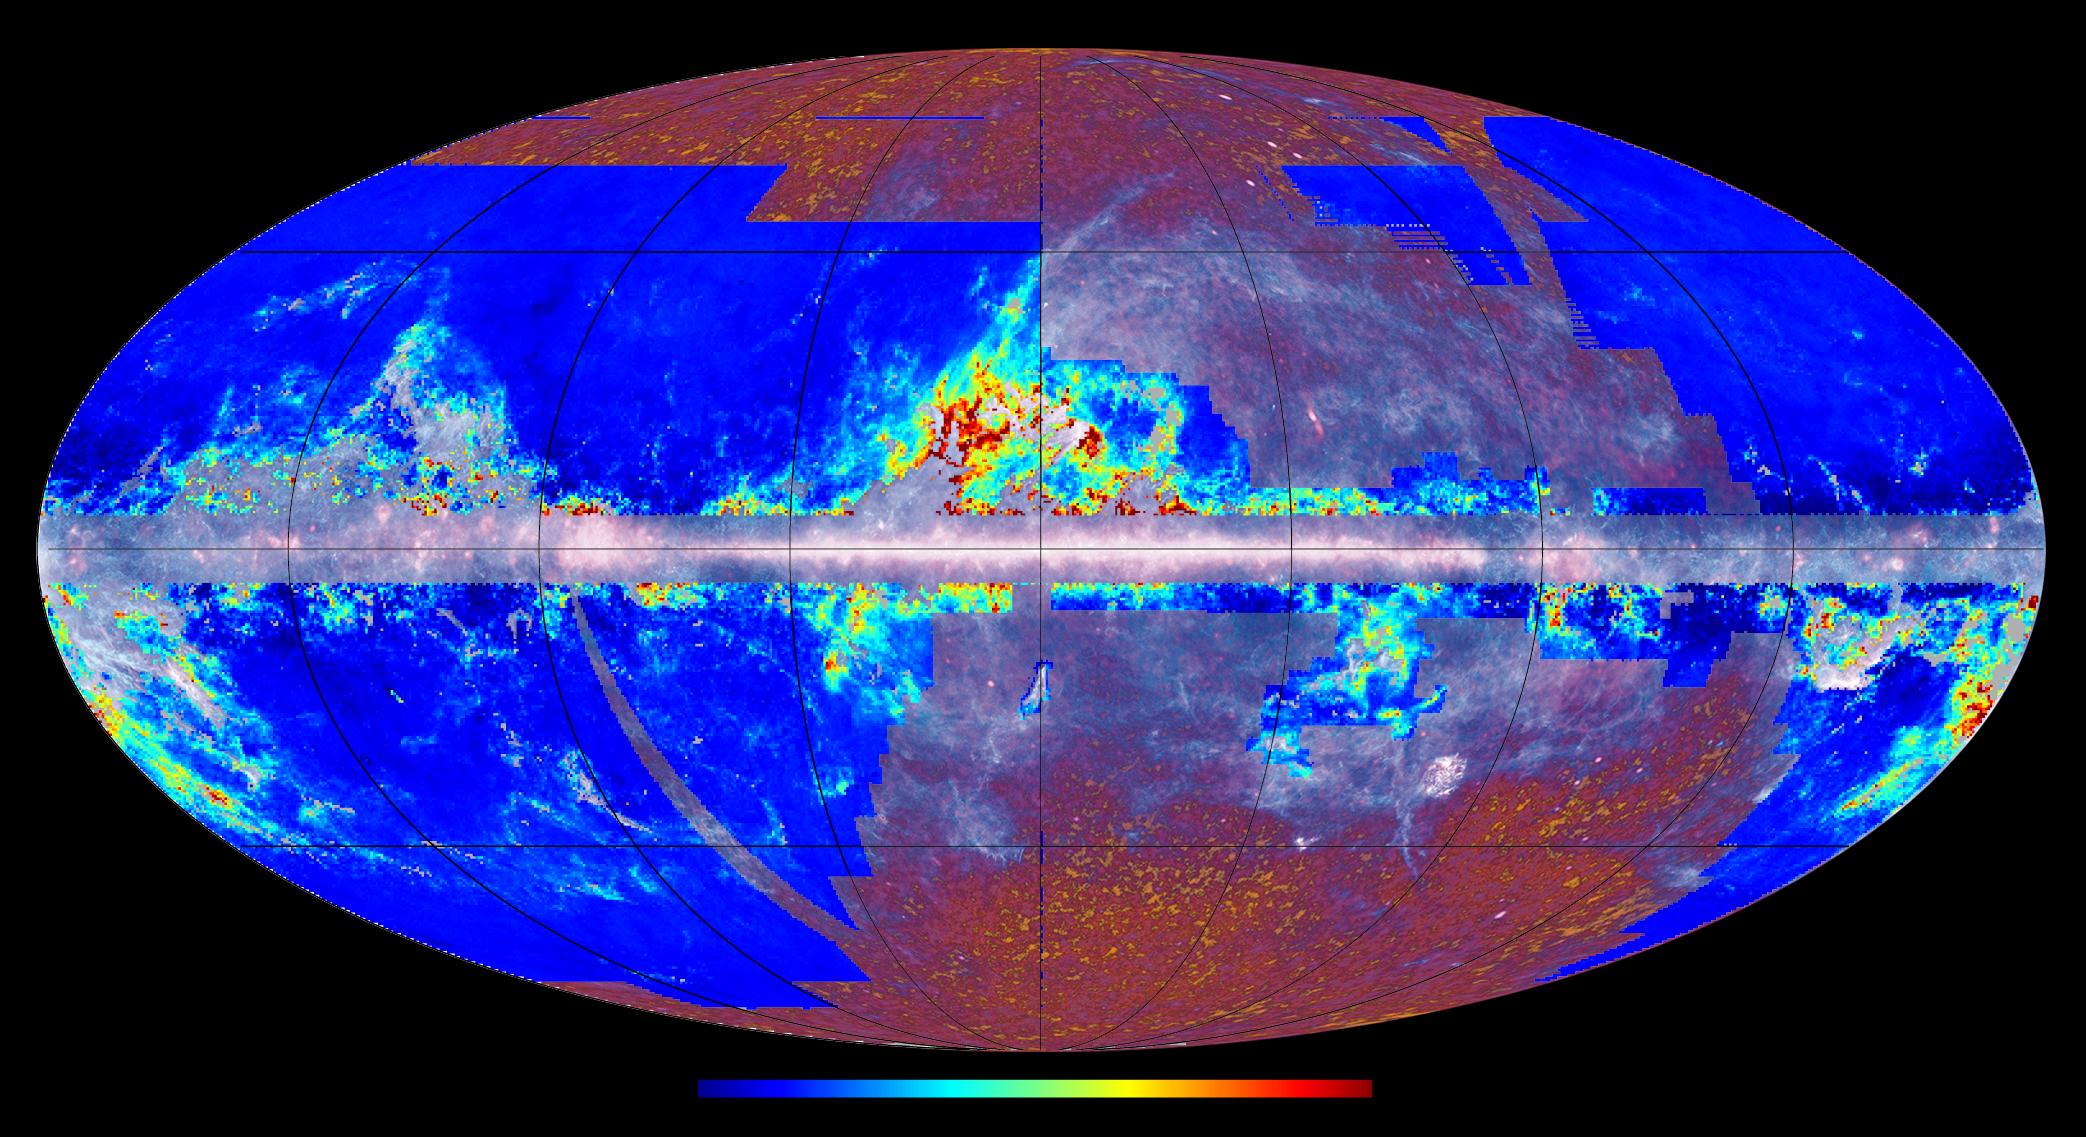 1567216932134-Planck_excess_emission.jpg